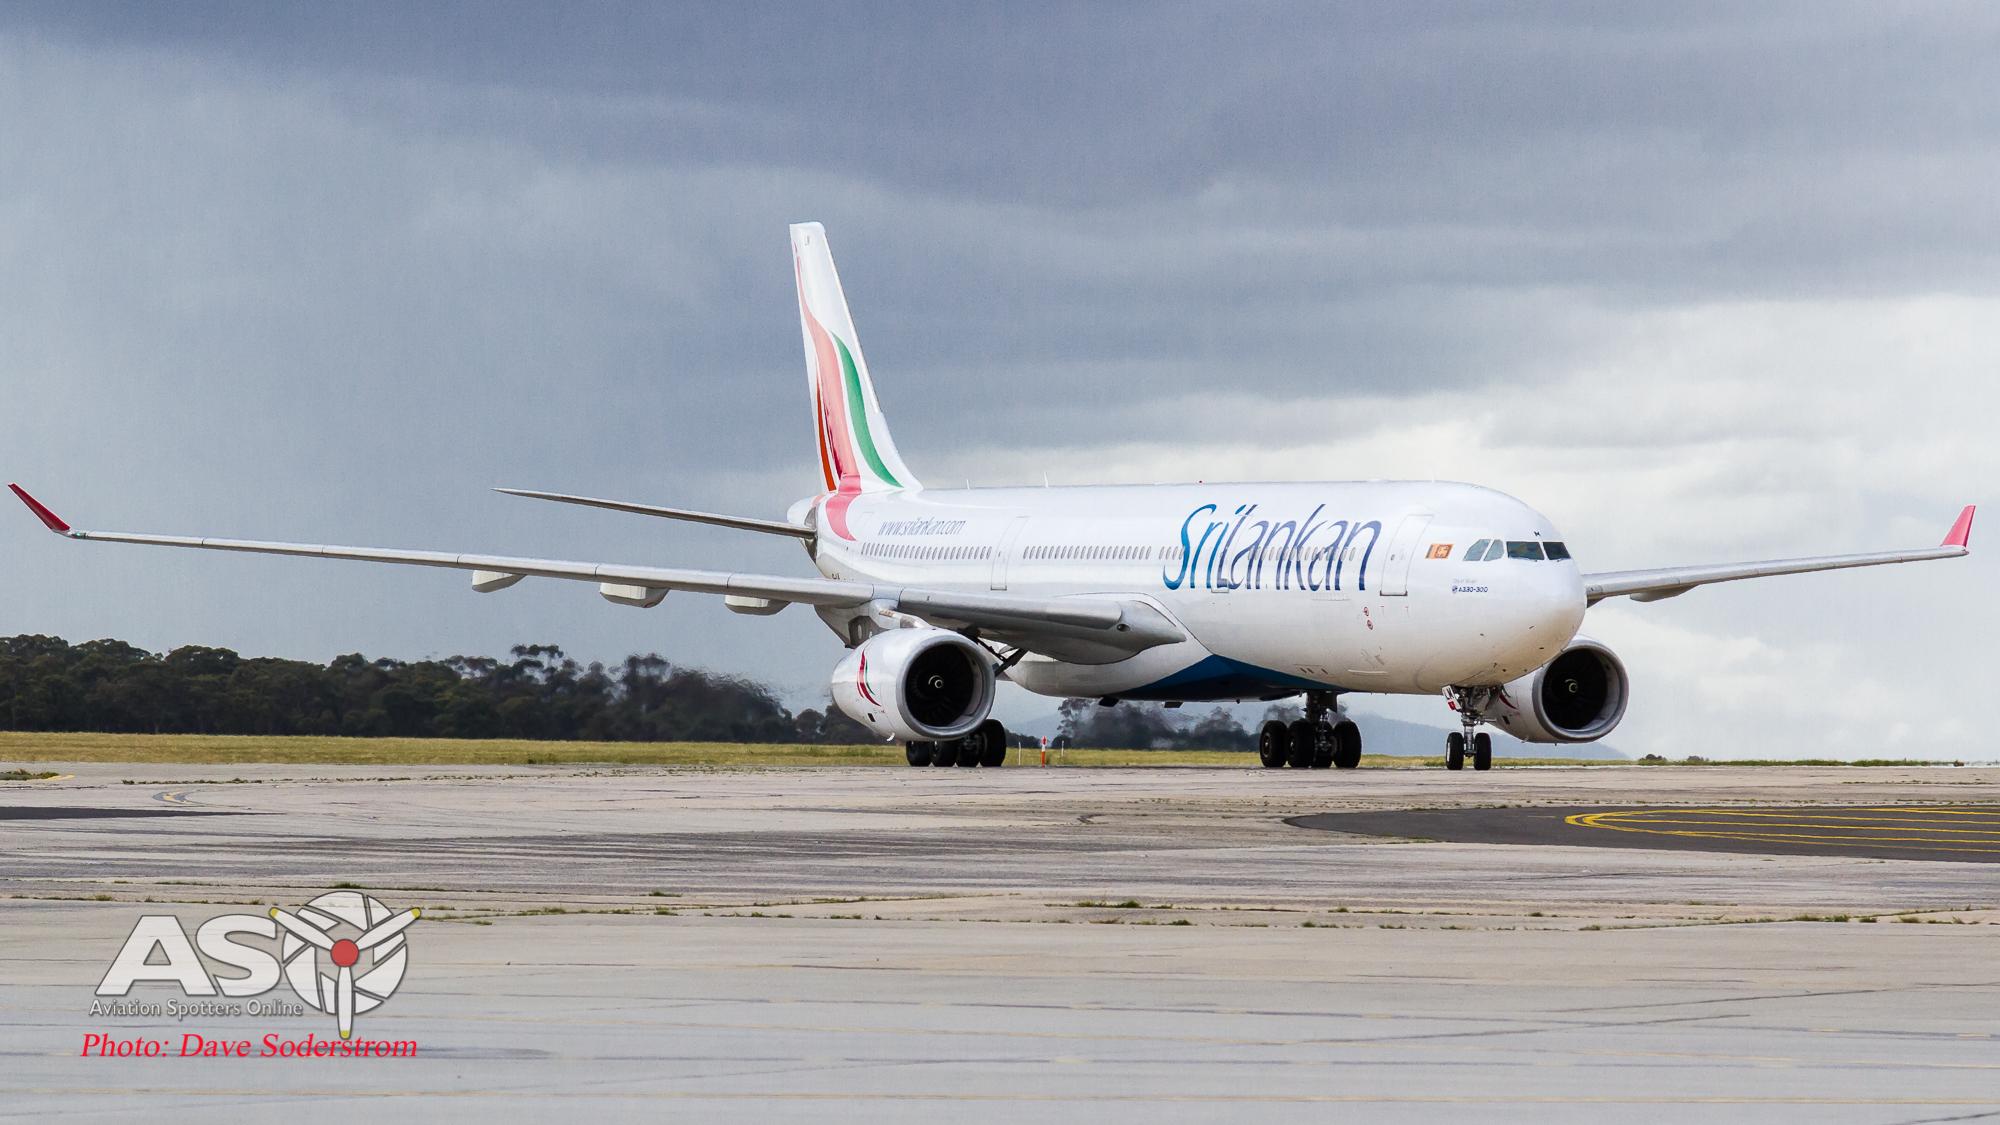 Colombo to Melbourne, SriLankan returns to Australia.